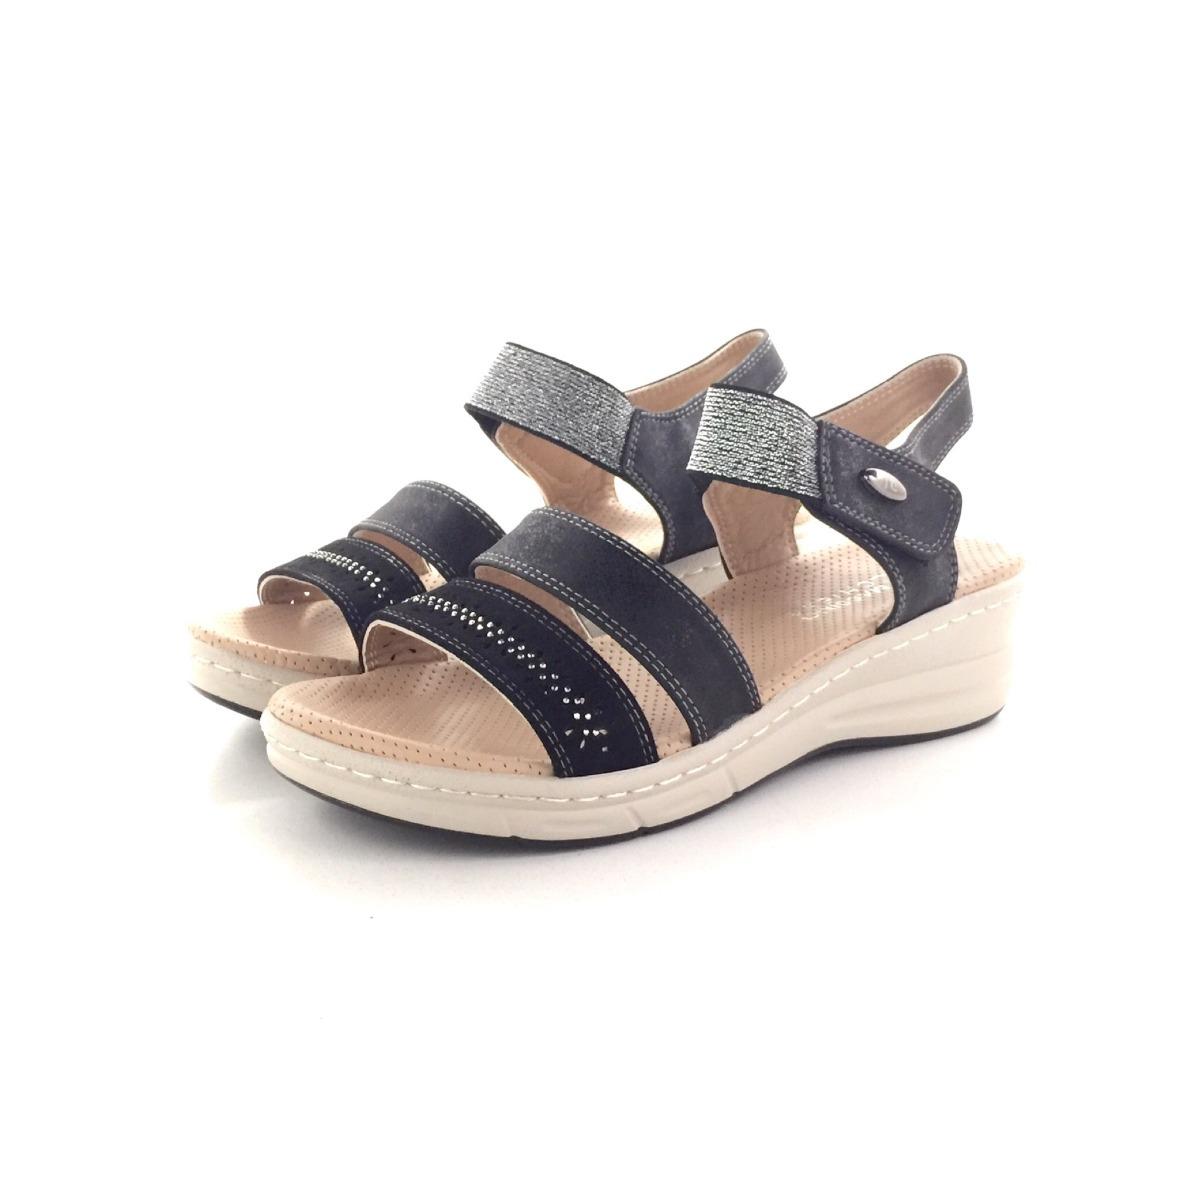 c9e1a224 Massimo Chiesa Dominga Sandalia El Mercado De Zapatos! - $ 1.790,00 ...